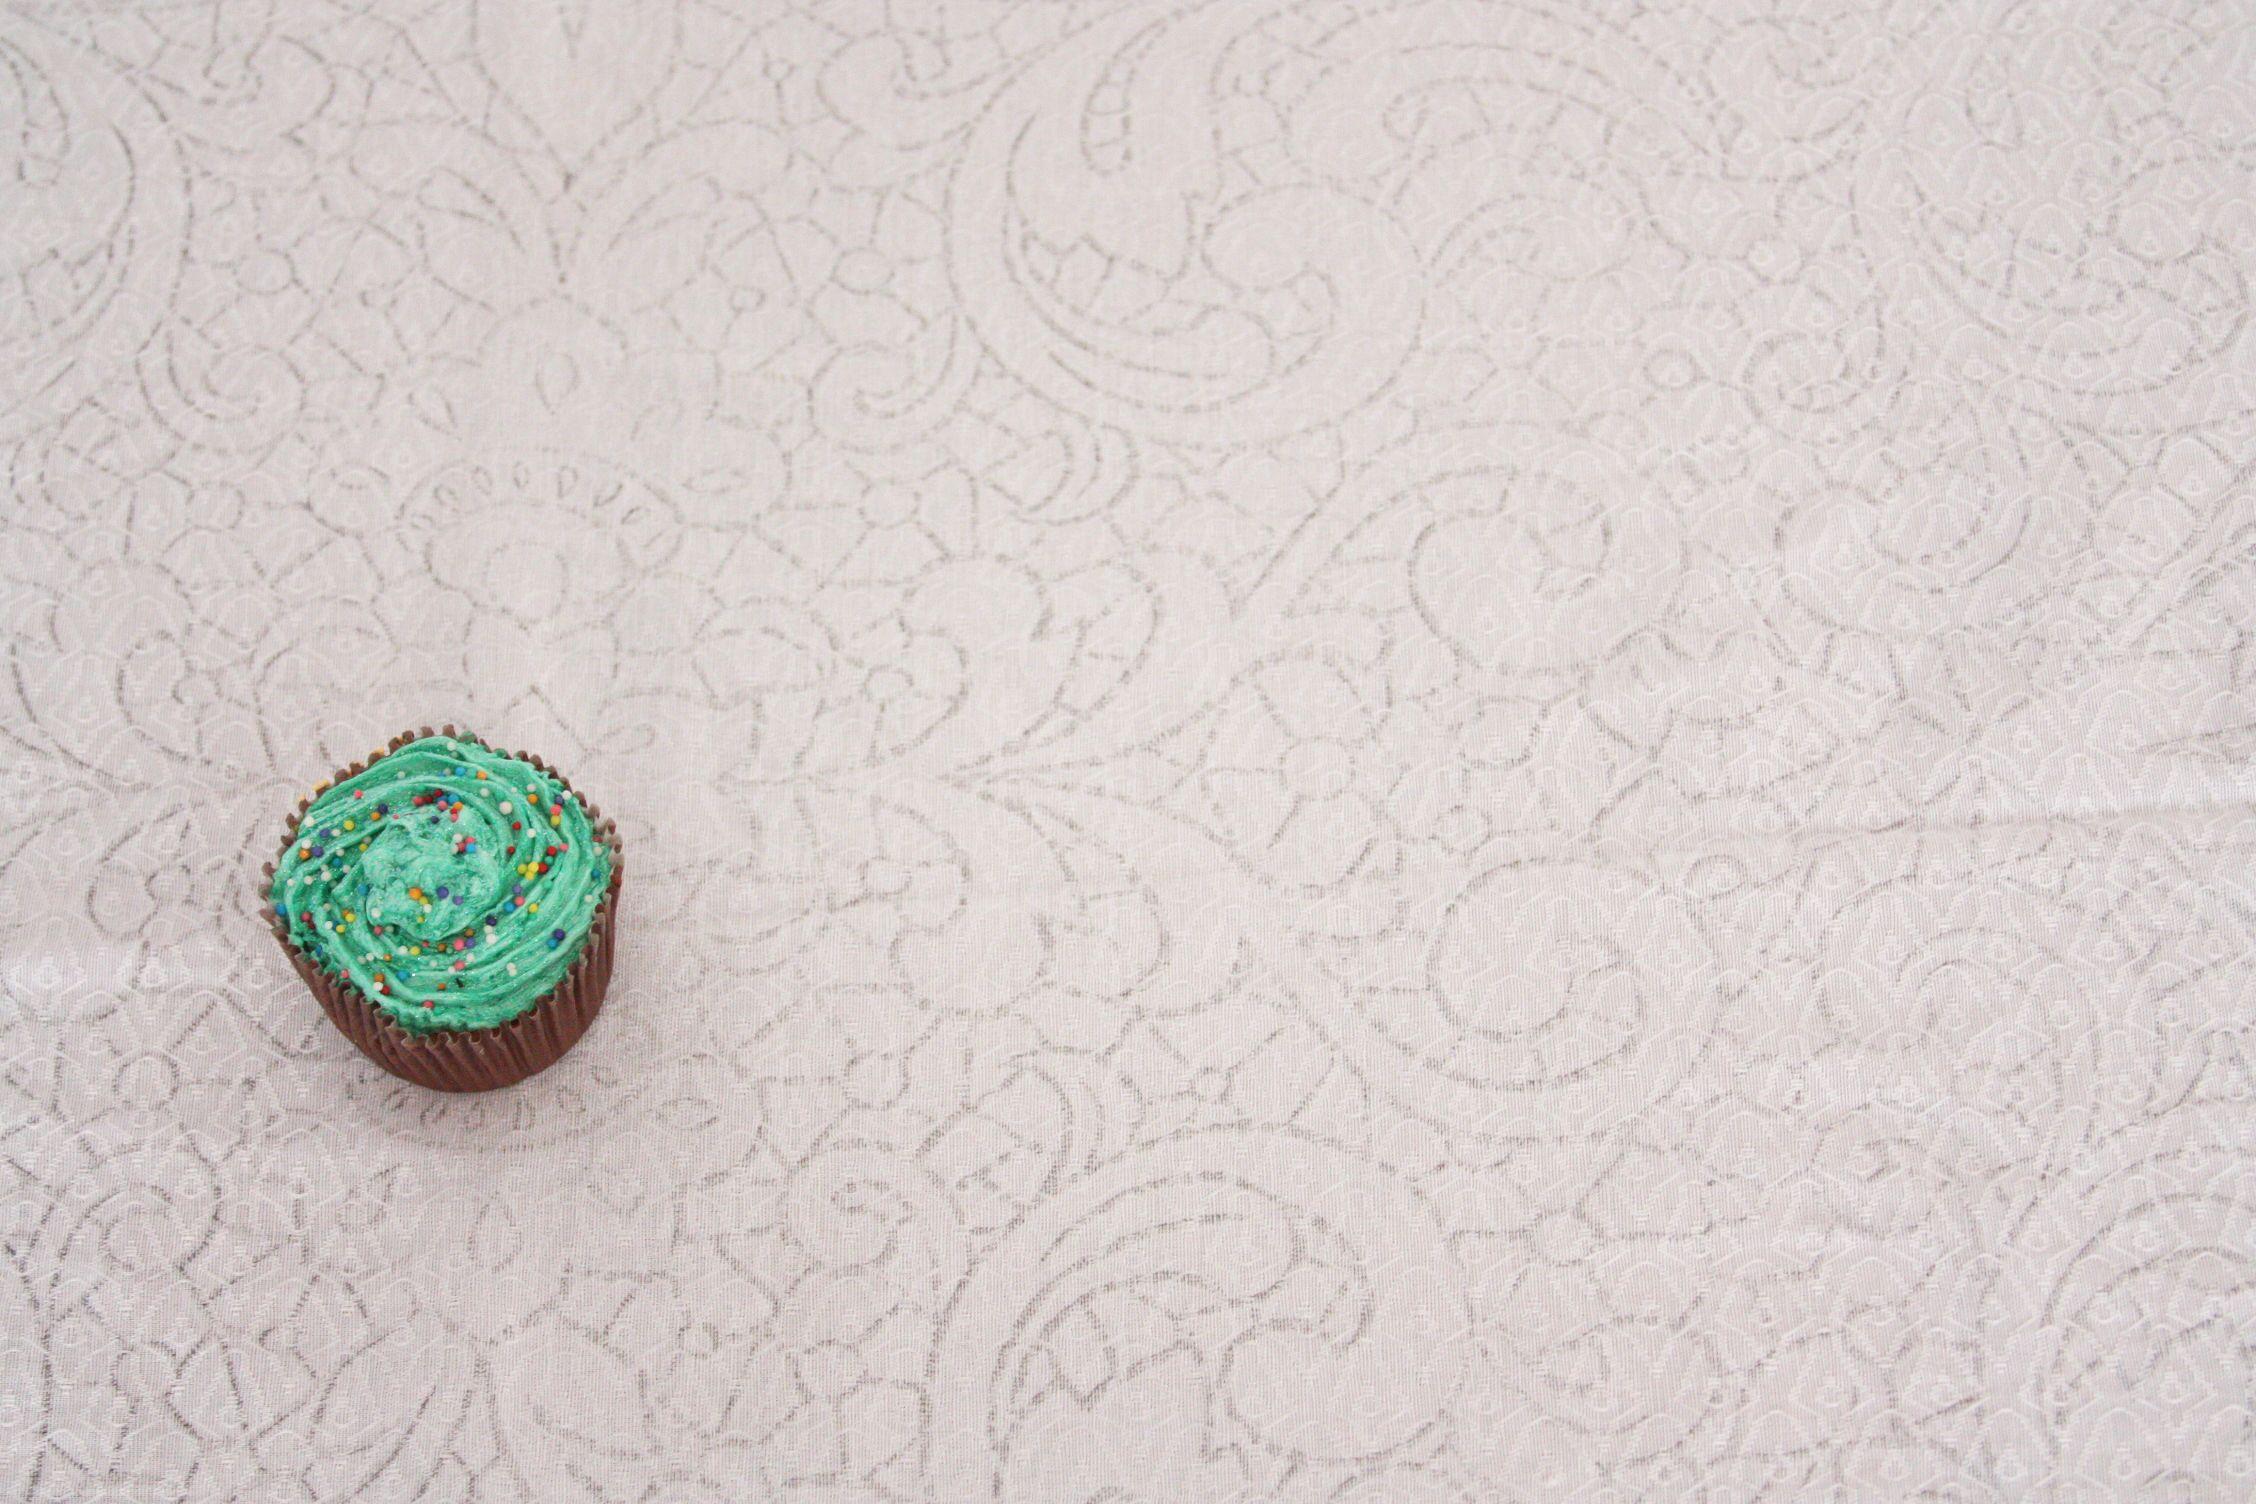 Um cupcake, massa de cor branca, foto de mergulho e valorização do ponto áureo. Mais que tudo, um cupcake gostoso!